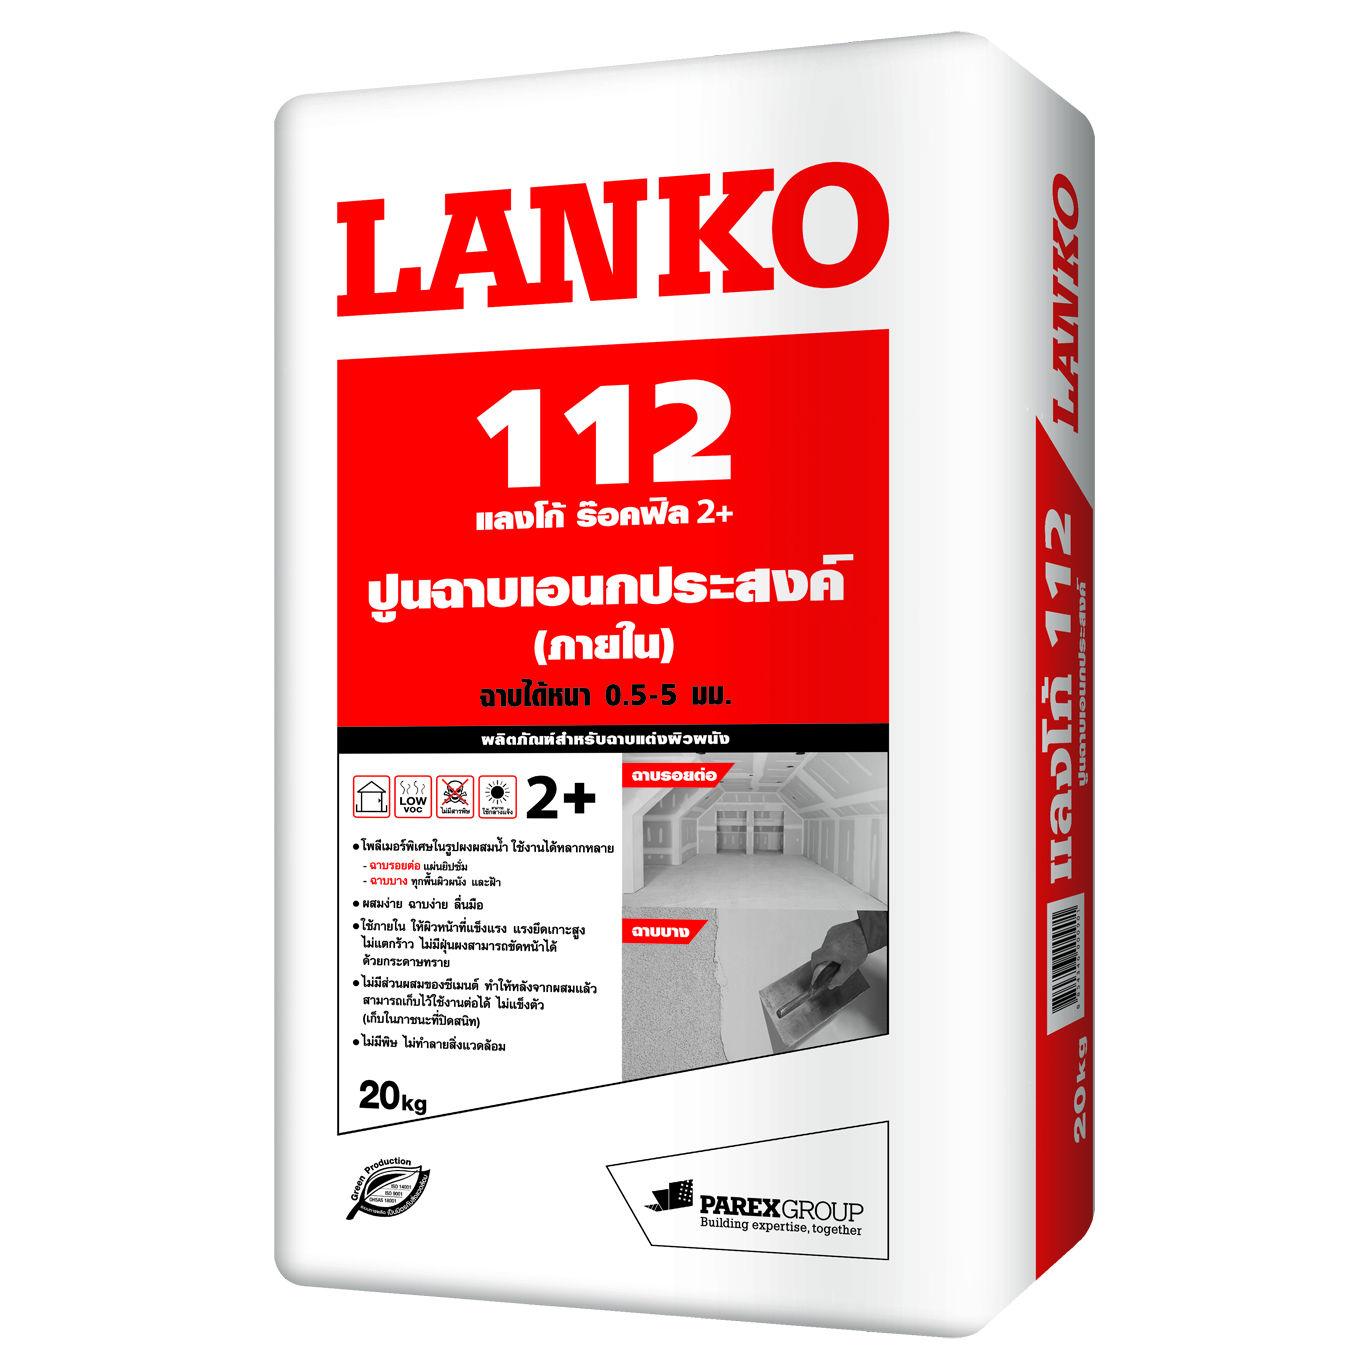 LANKO 112